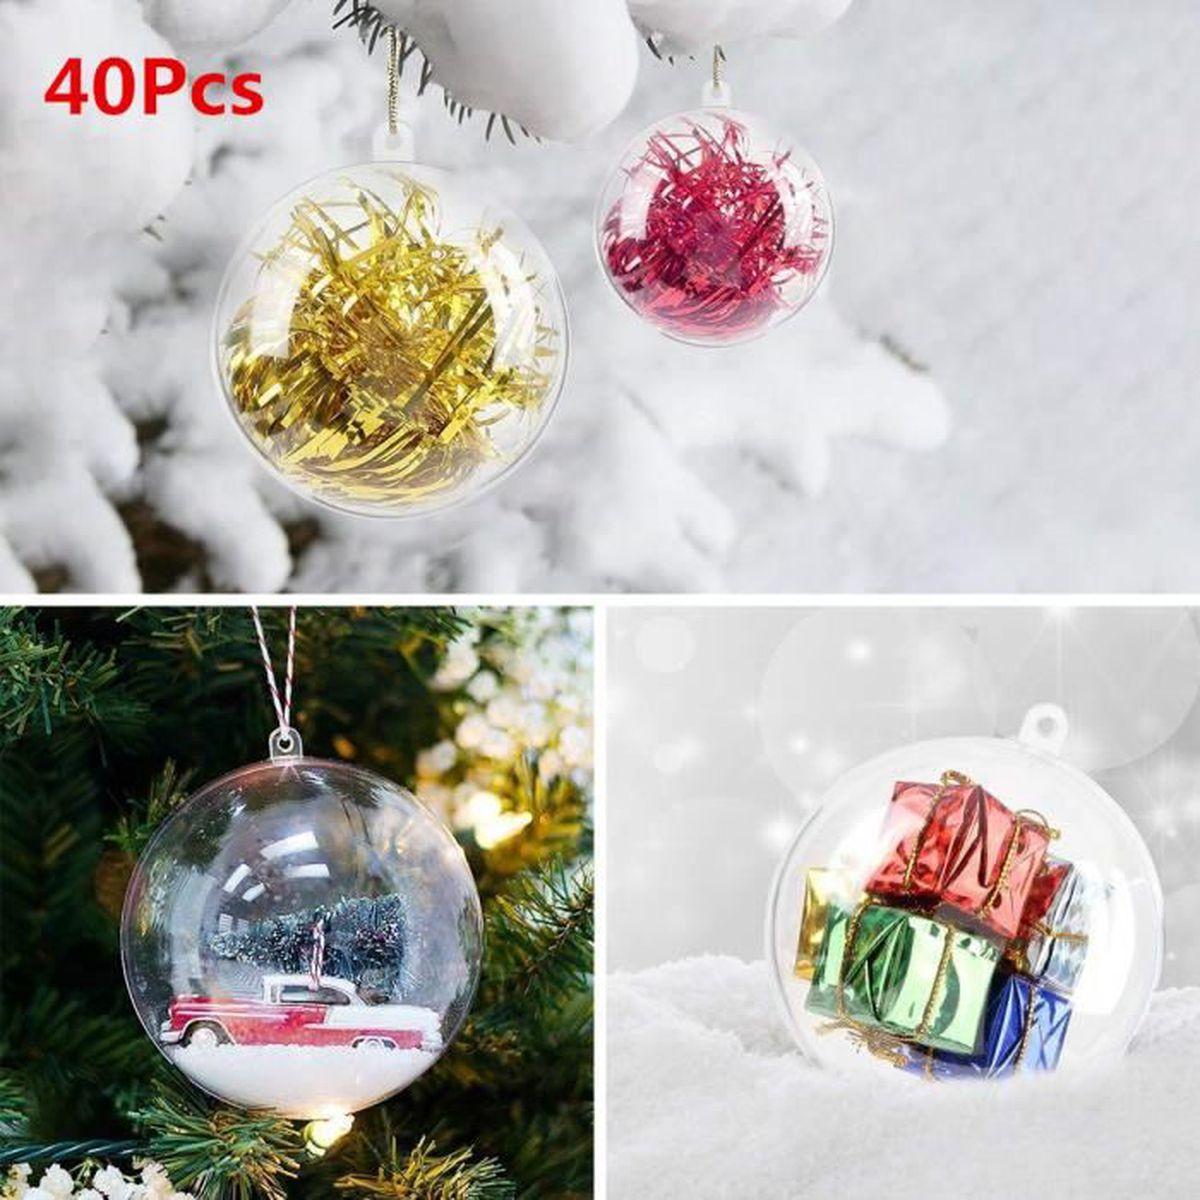 Personnaliser Une Boule De Noel Transparente lot de 40pcs boules de noël transparente à remplir 8cm en